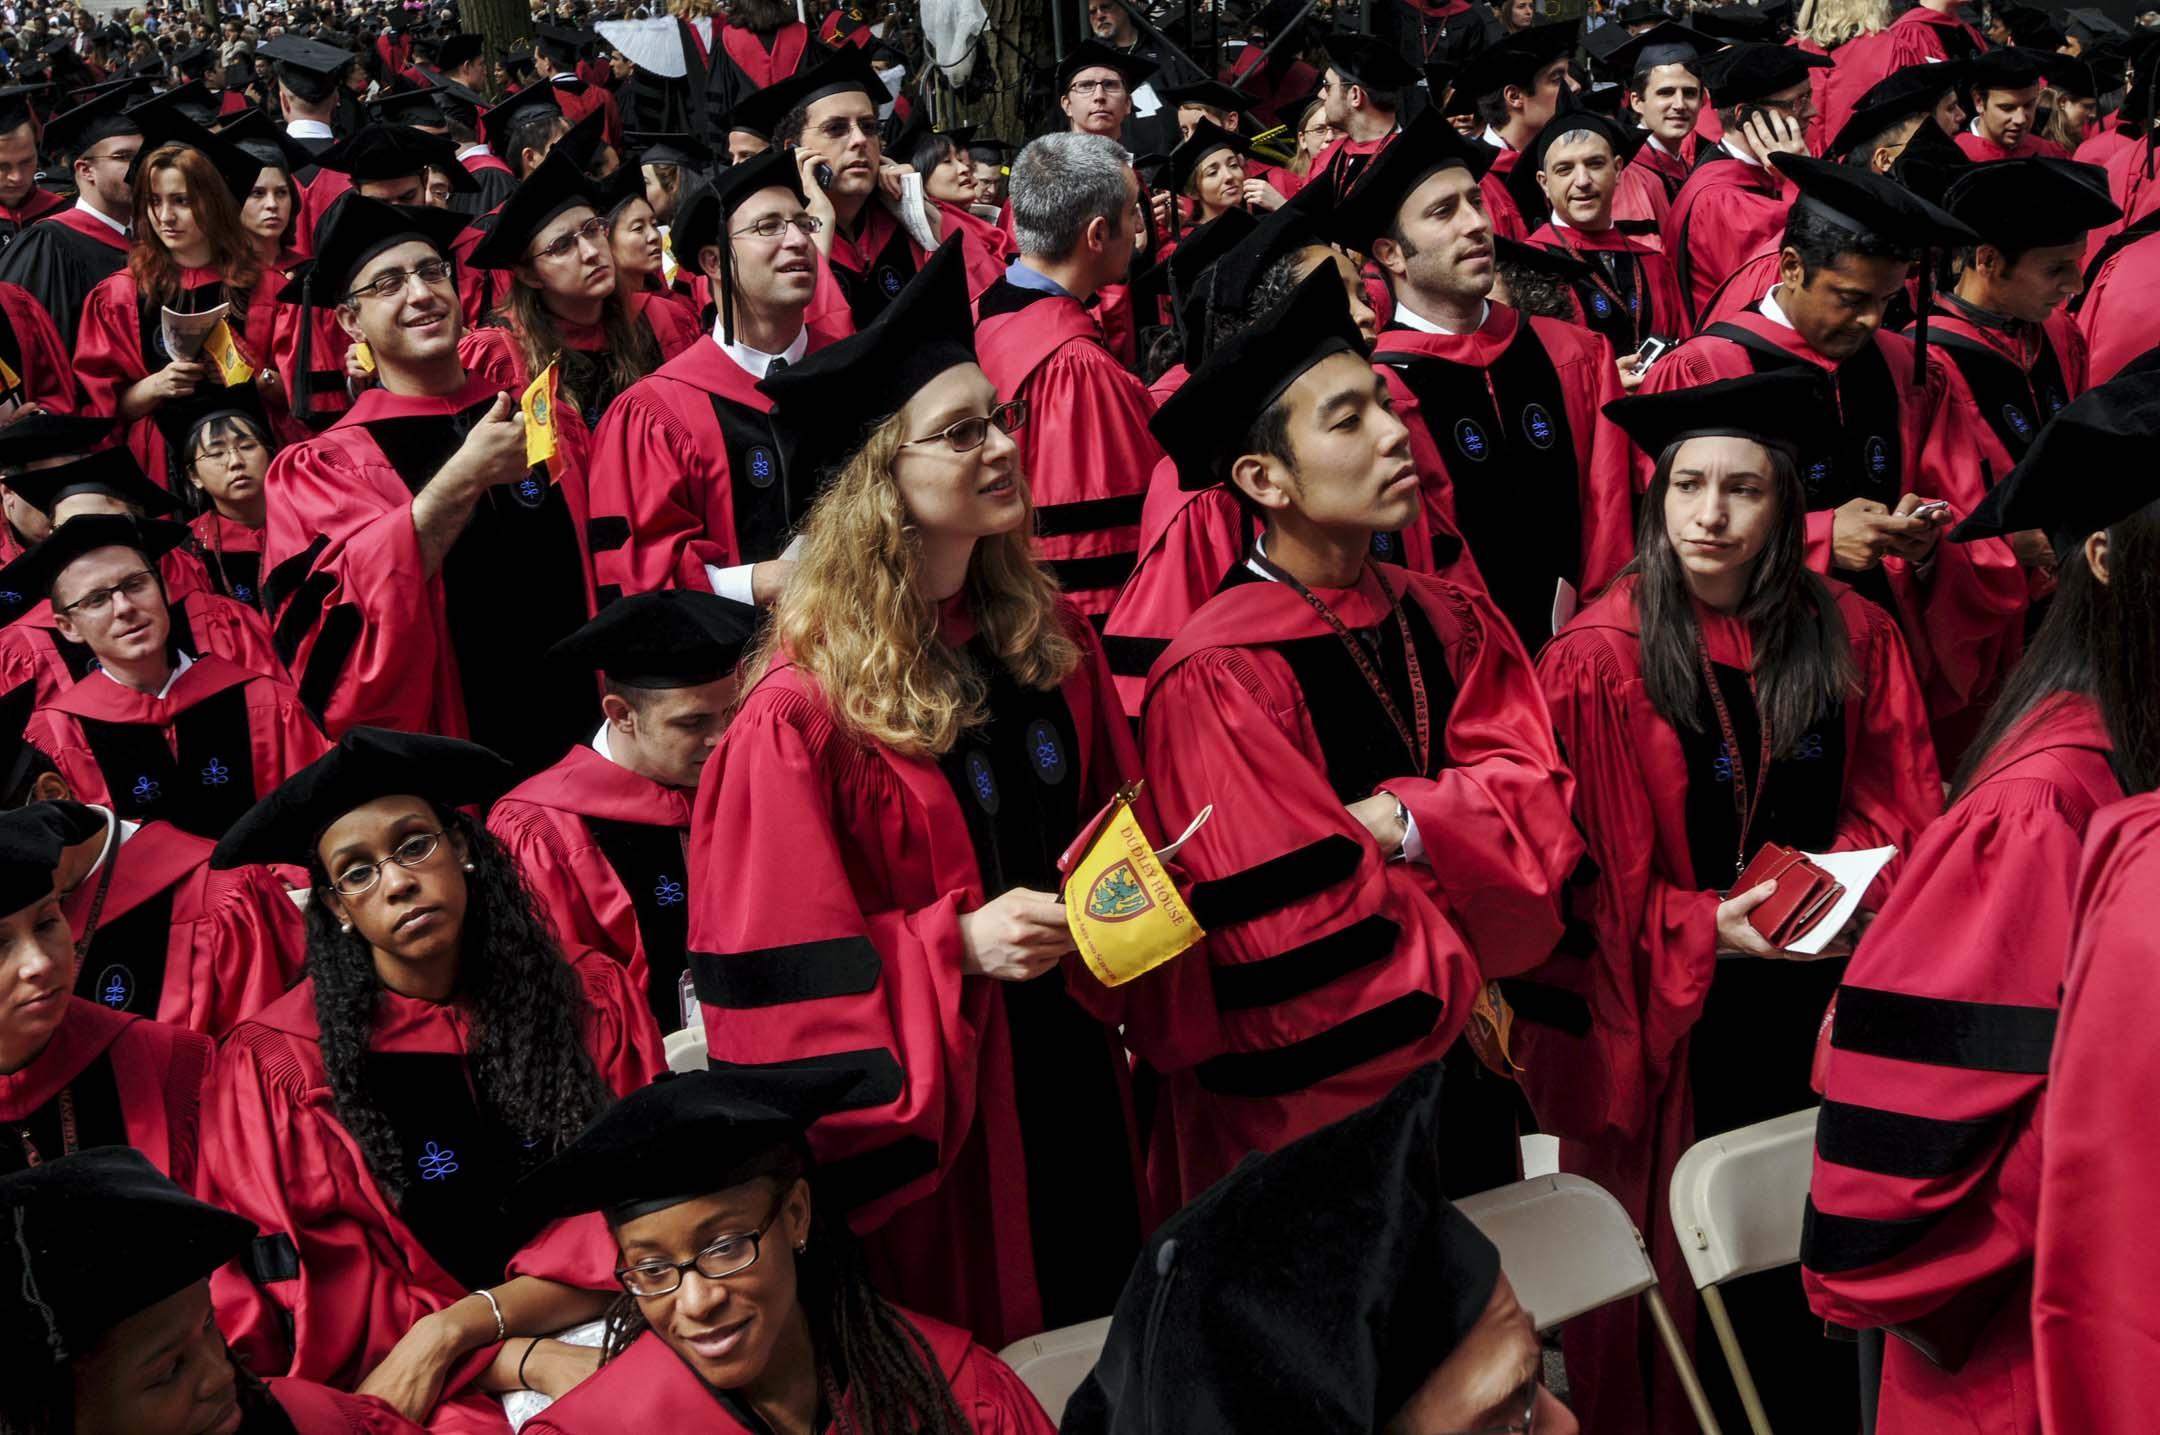 近二十多年來,亞裔美國人的數量急劇增長,「亞裔效應」連同其他多種因素,正在深刻改變美國「自由放任」的校園文化。